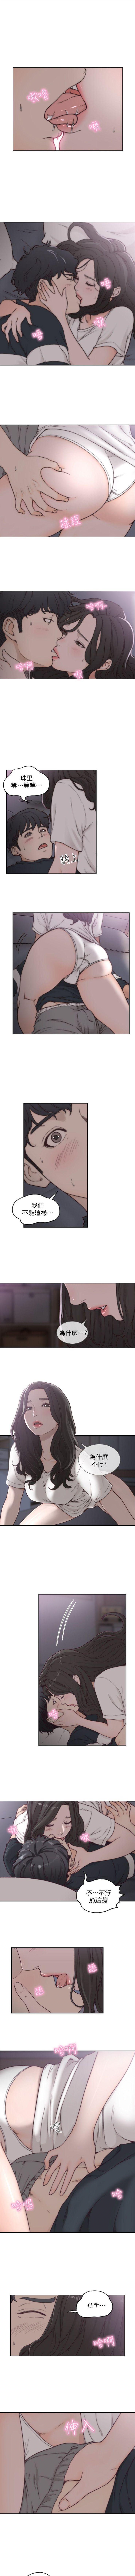 前女友 1-48 中文翻译(更新中) 15